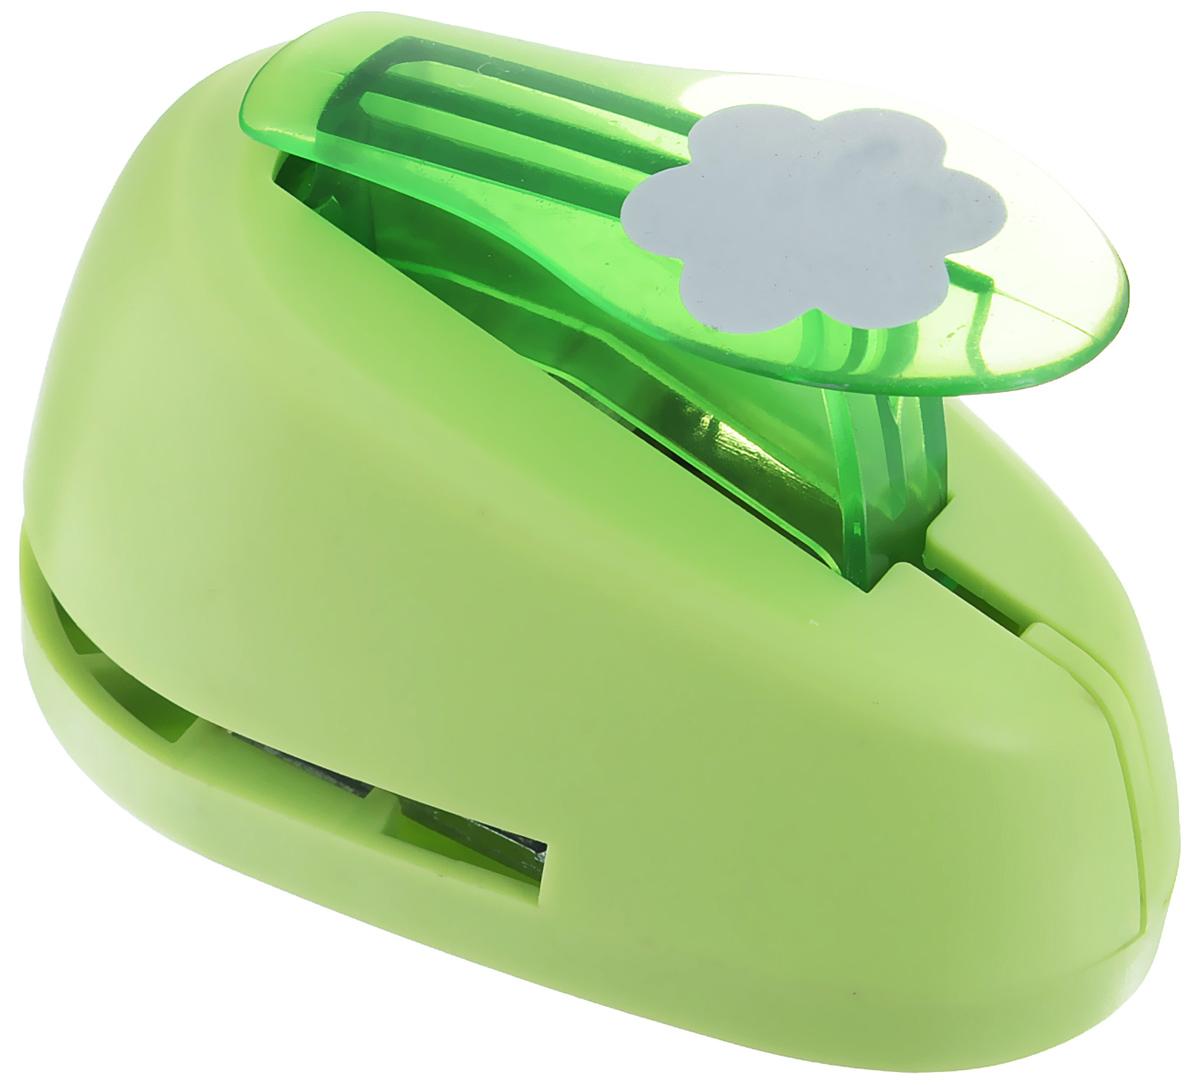 Дырокол фигурный Hobbyboom Цветок, №3, цвет: зеленый, 2,5 смCD-99M-003_зеленыйДырокол фигурный Hobbyboom Цветок, выполненный из прочного пластика и металла, используется в скрапбукинге для украшения открыток, карточек, коробочек и прочего.Применяется для прорезания фигурных отверстий в бумаге в форме цветов. Вырезанный элемент также можно использовать для украшения.Предназначен для бумаги плотностью от 80 до 200 г/м2. При применении на бумаге большей плотности или на картоне, дырокол быстро затупится. Чтобы заточить нож компостера, нужно прокомпостировать самую тонкую наждачку. Размер дырокола: 4,7 см х 8 см х 5,5 см.Диаметр готовой фигурки: 2,5 см.